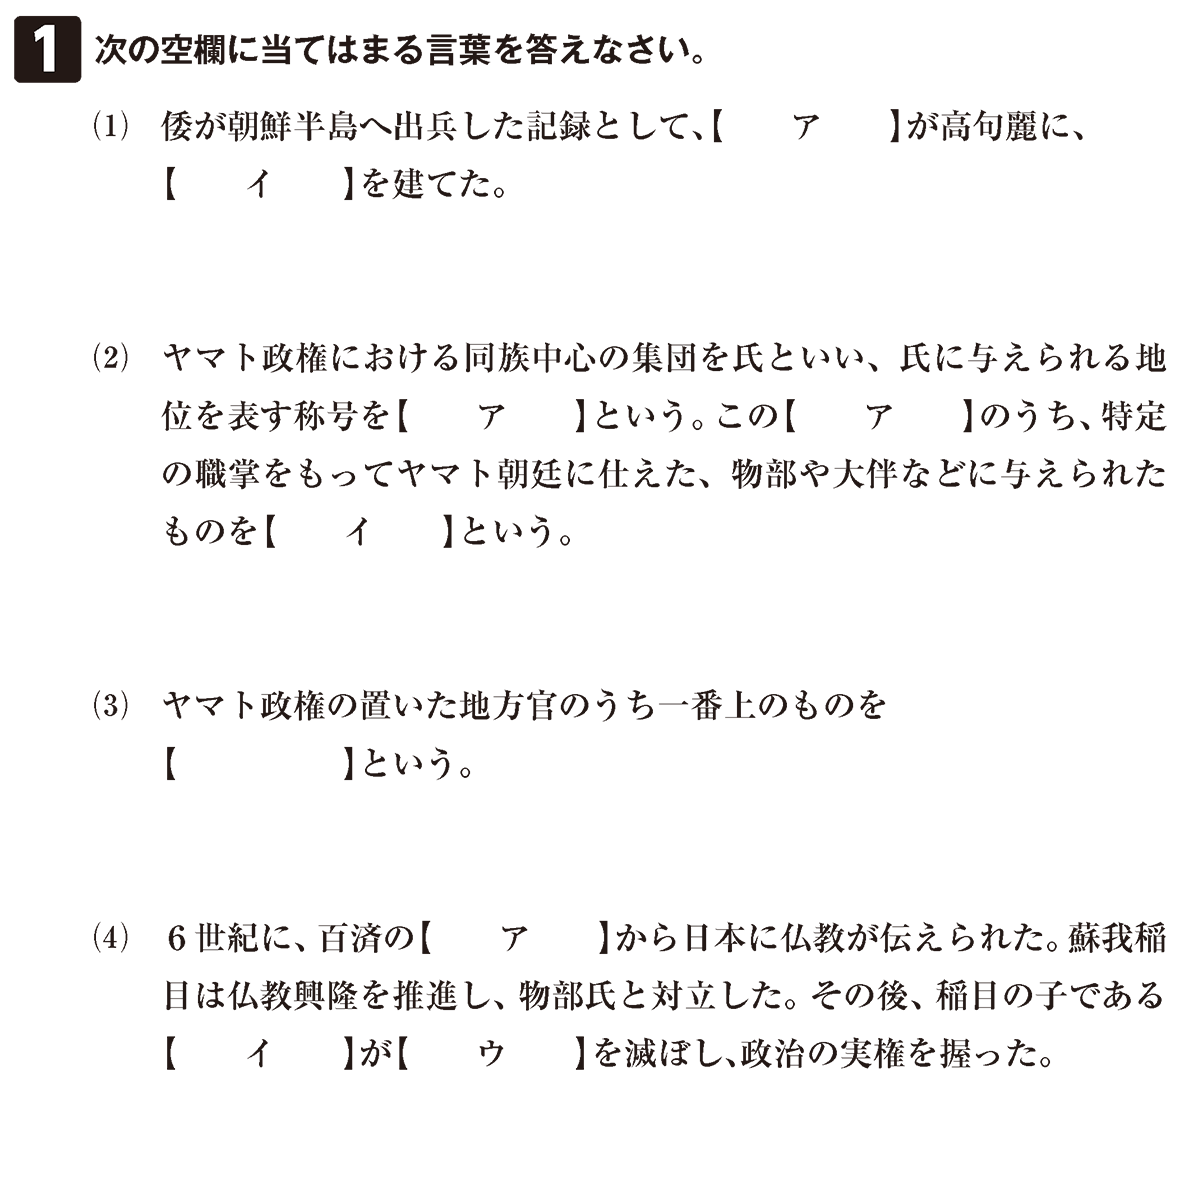 ヤマト政権3 問題1 問題